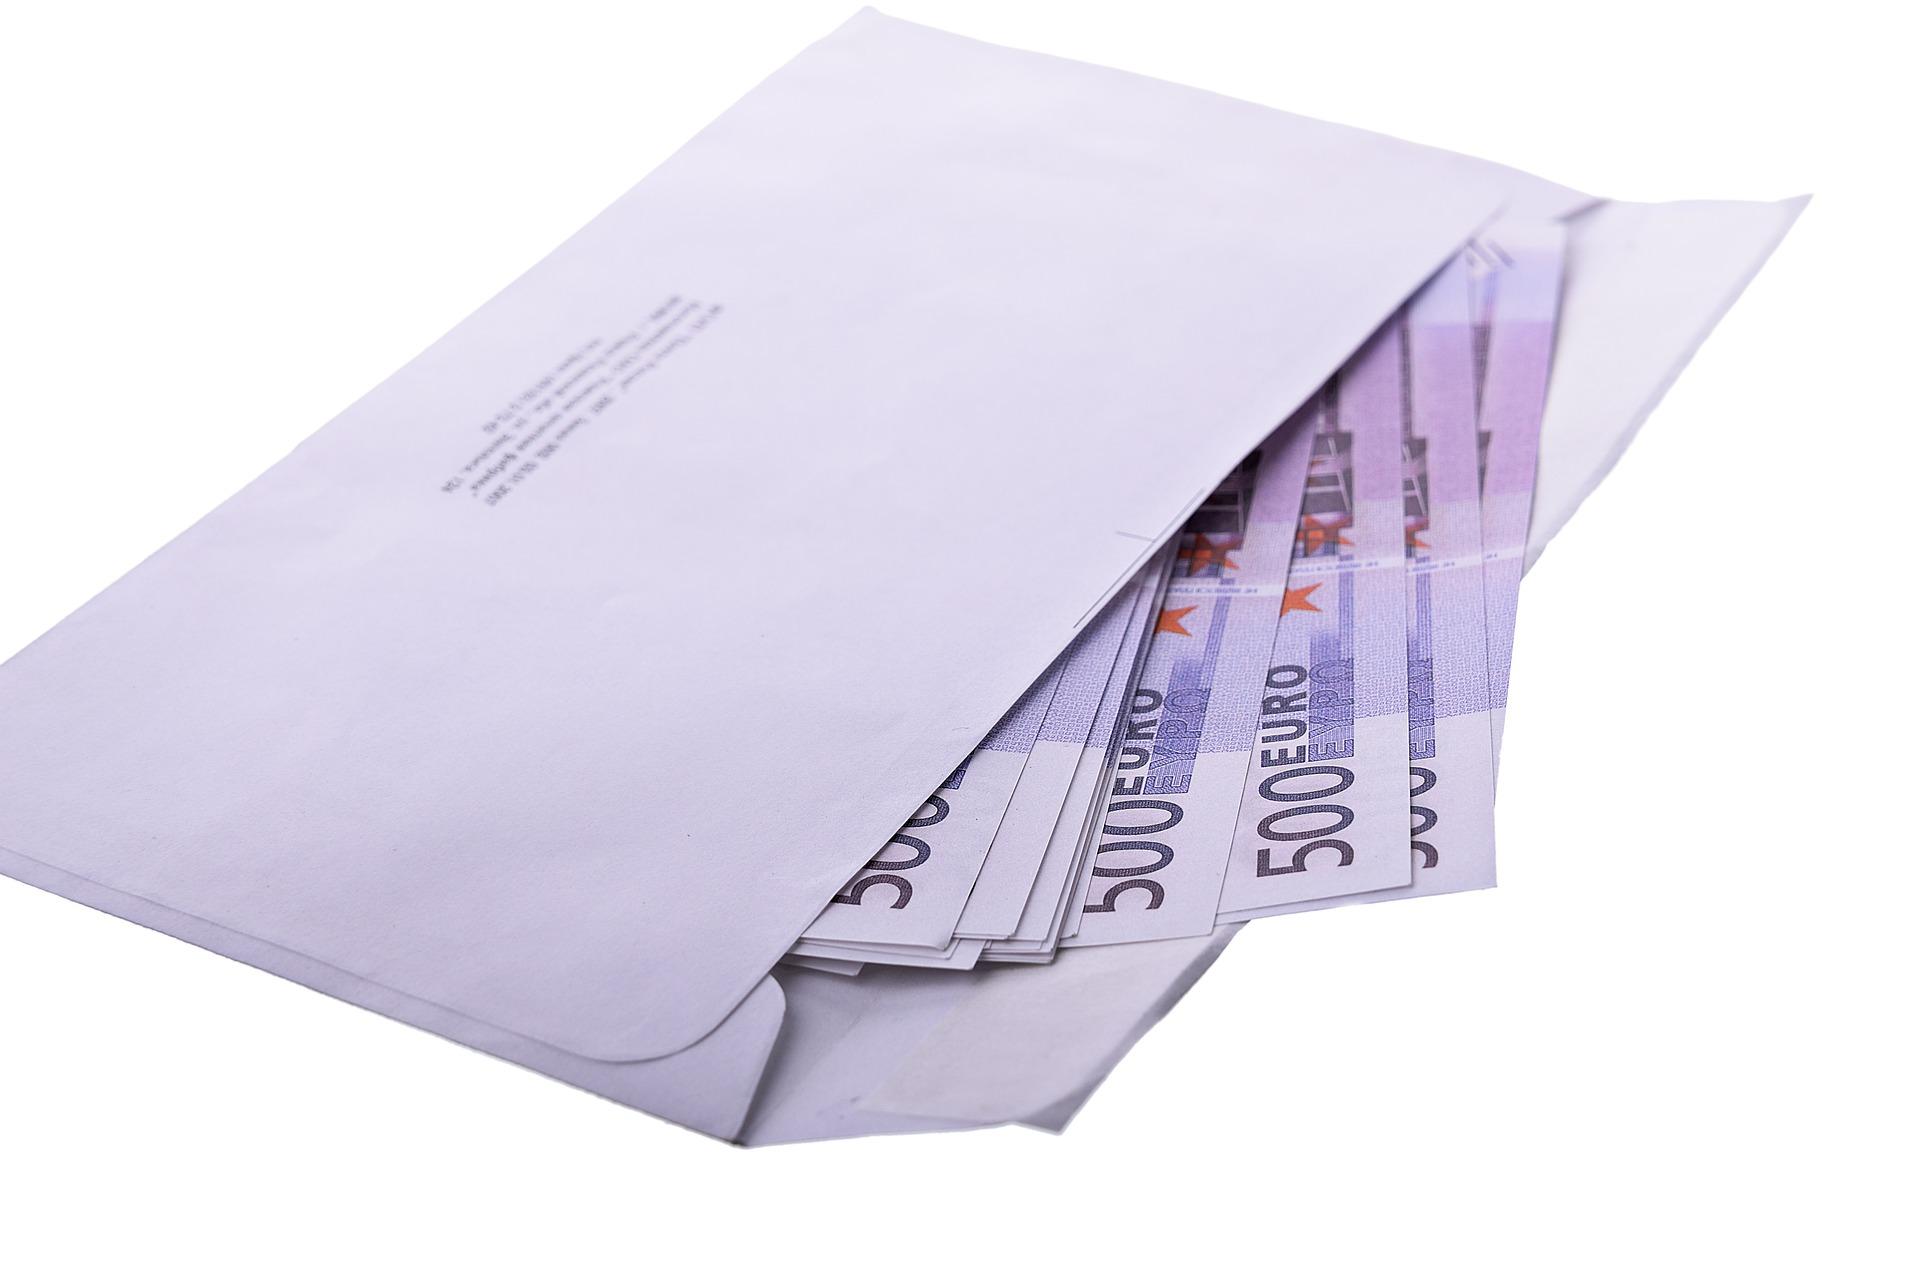 Prêt de consolidation : la solution pour réduire votre taux d'endettement